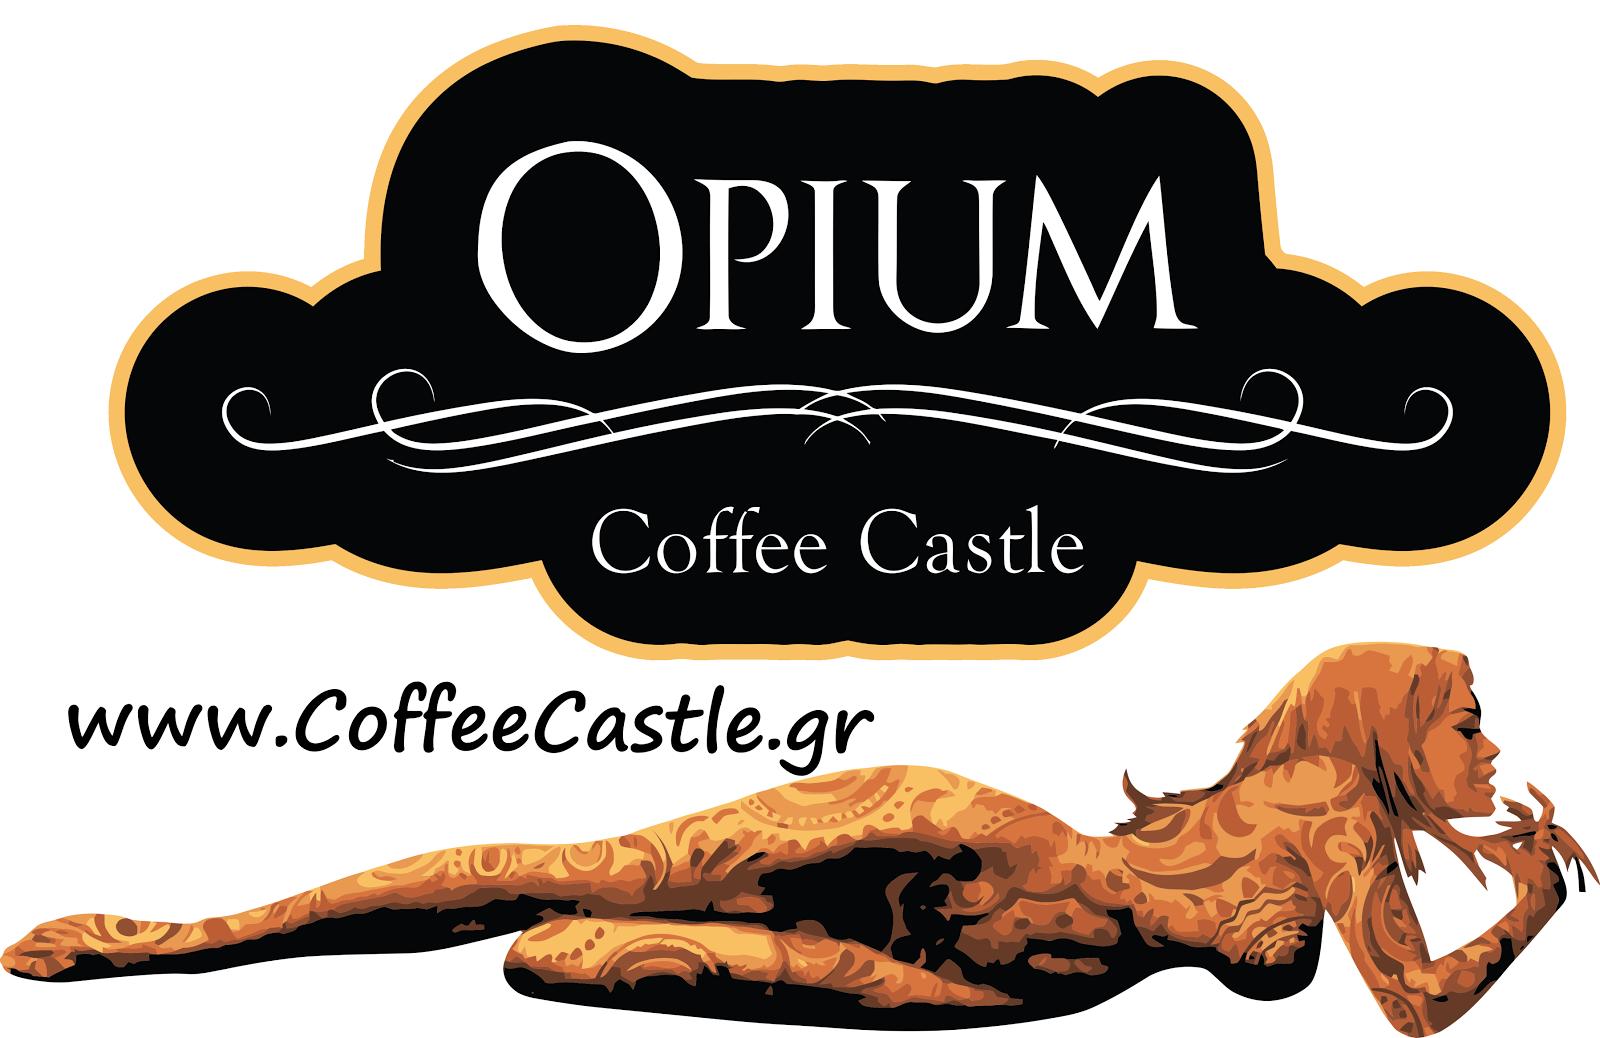 CoffeeCastle